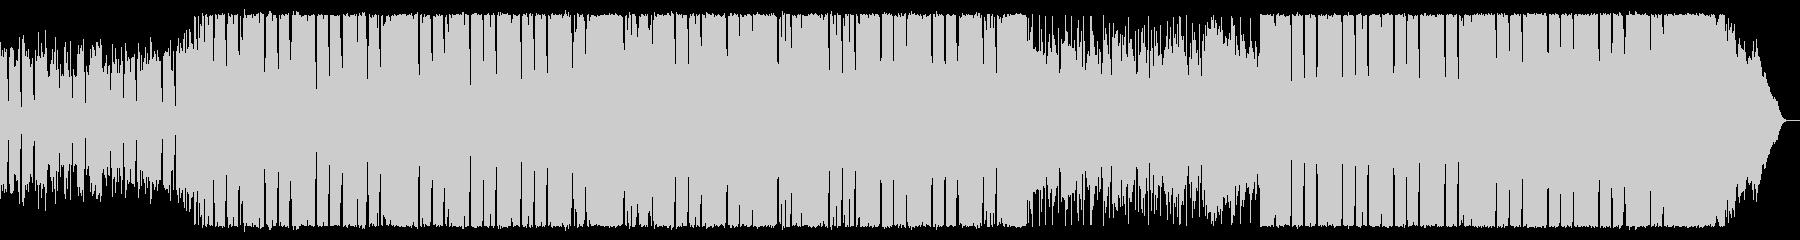 ヘヴィロック アクション 静か ク...の未再生の波形